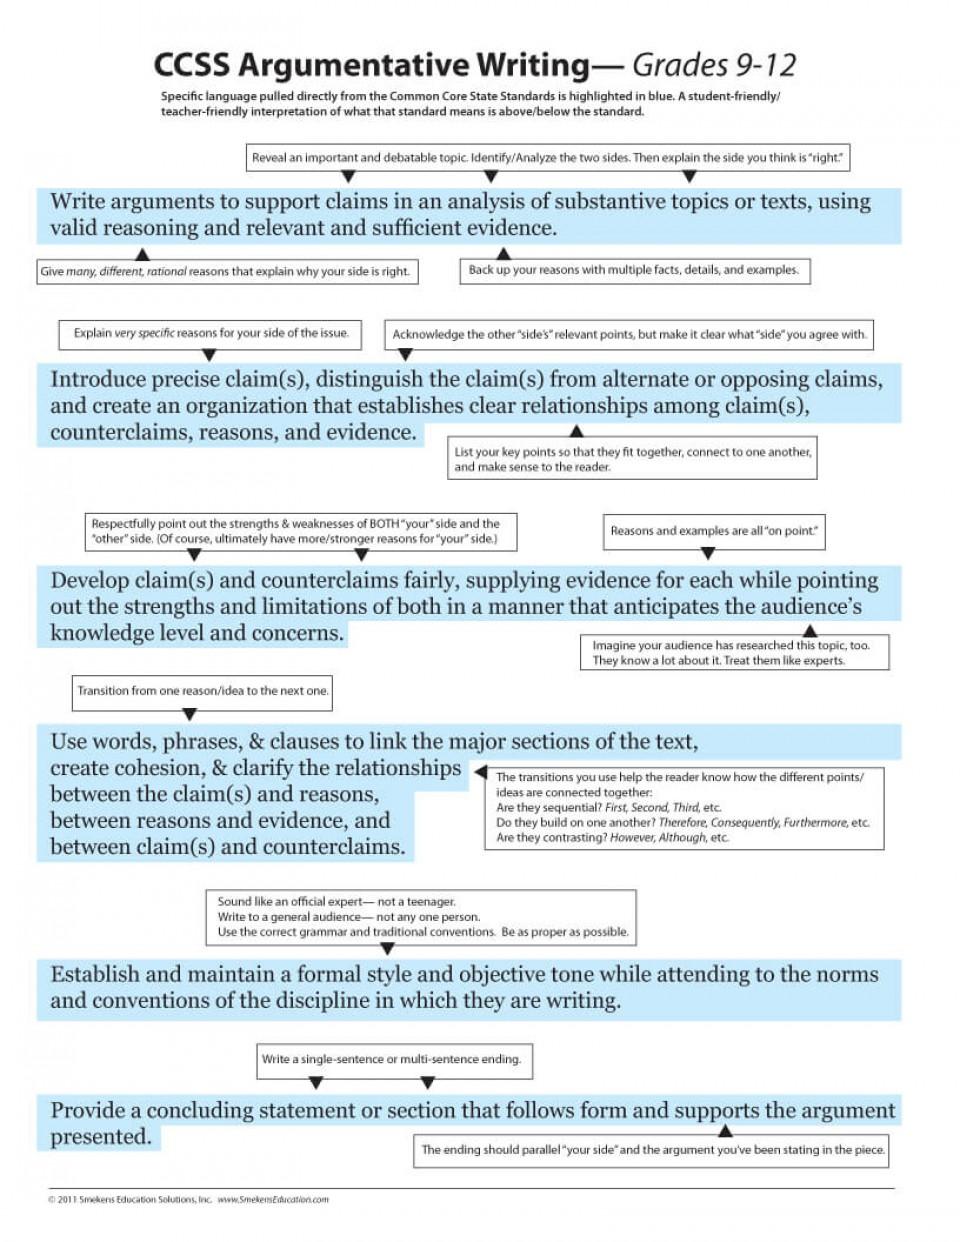 005 Parts Of Persuasive Essay Ccss Argumentative Grade 9 12o Imposing 6 A 960